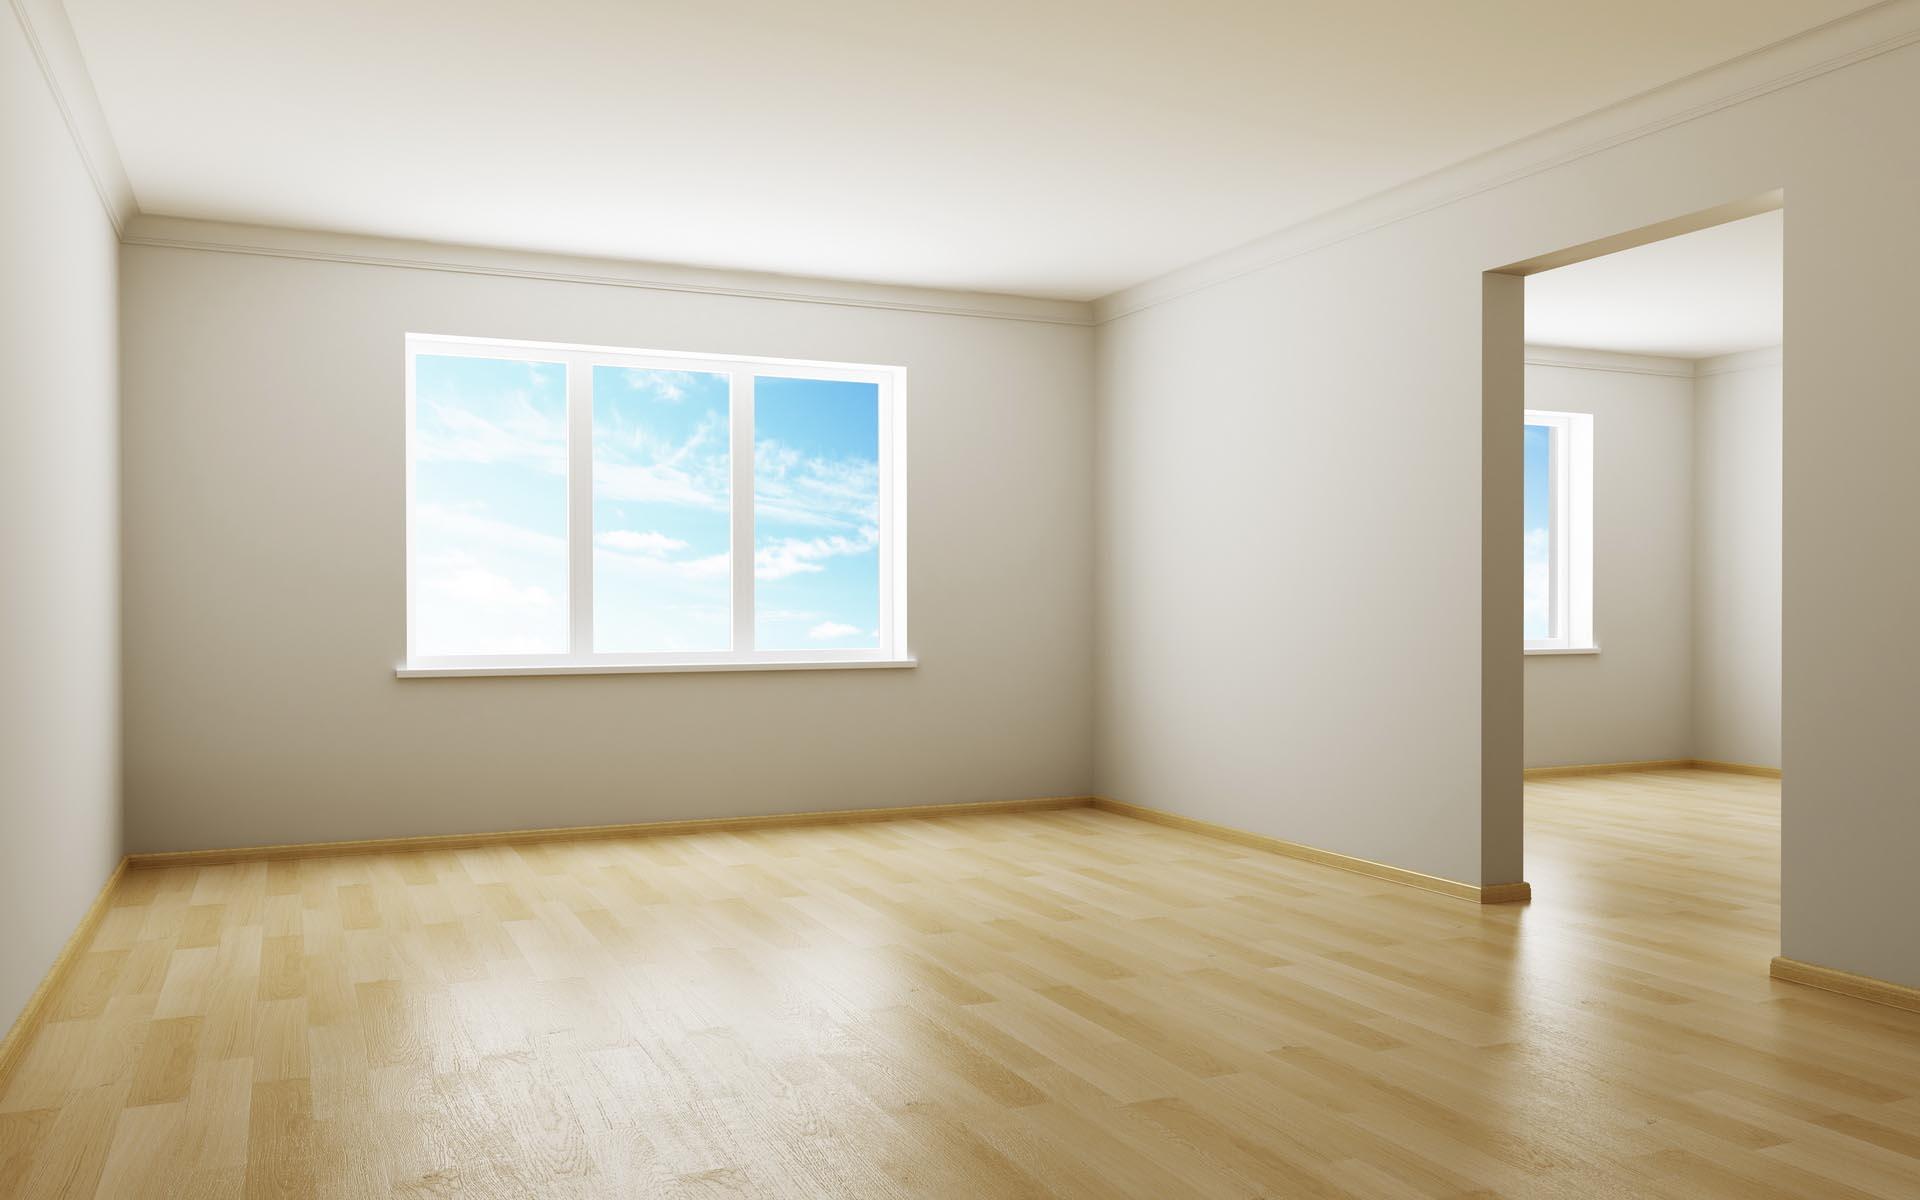 Как сделать ремонт квартиры в одних тонах